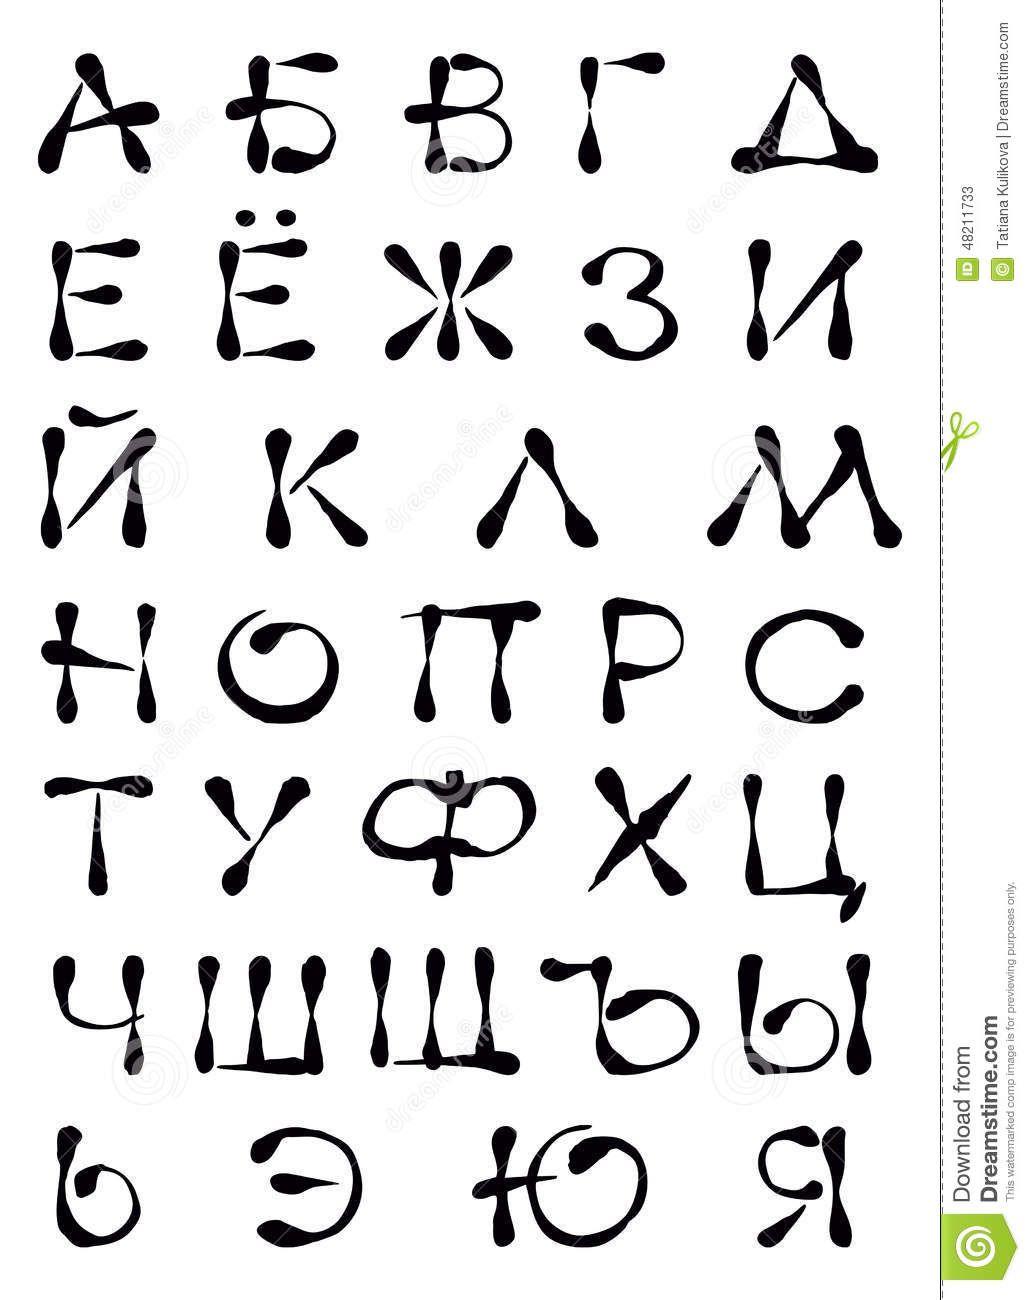 русский алфавит вектор поиск в Google иероглифы каллиграфия